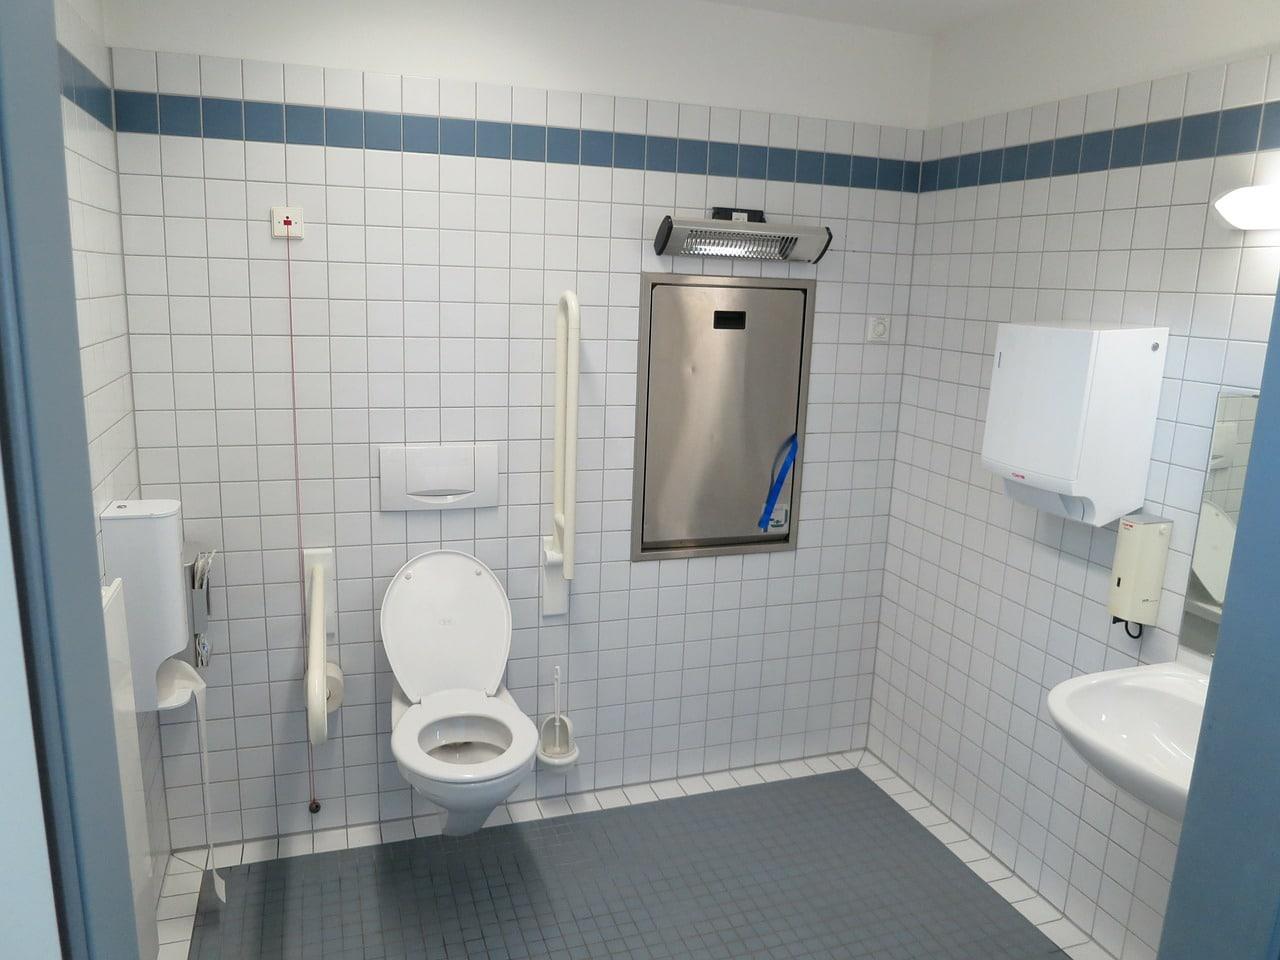 toilettes dans toutes les pièces